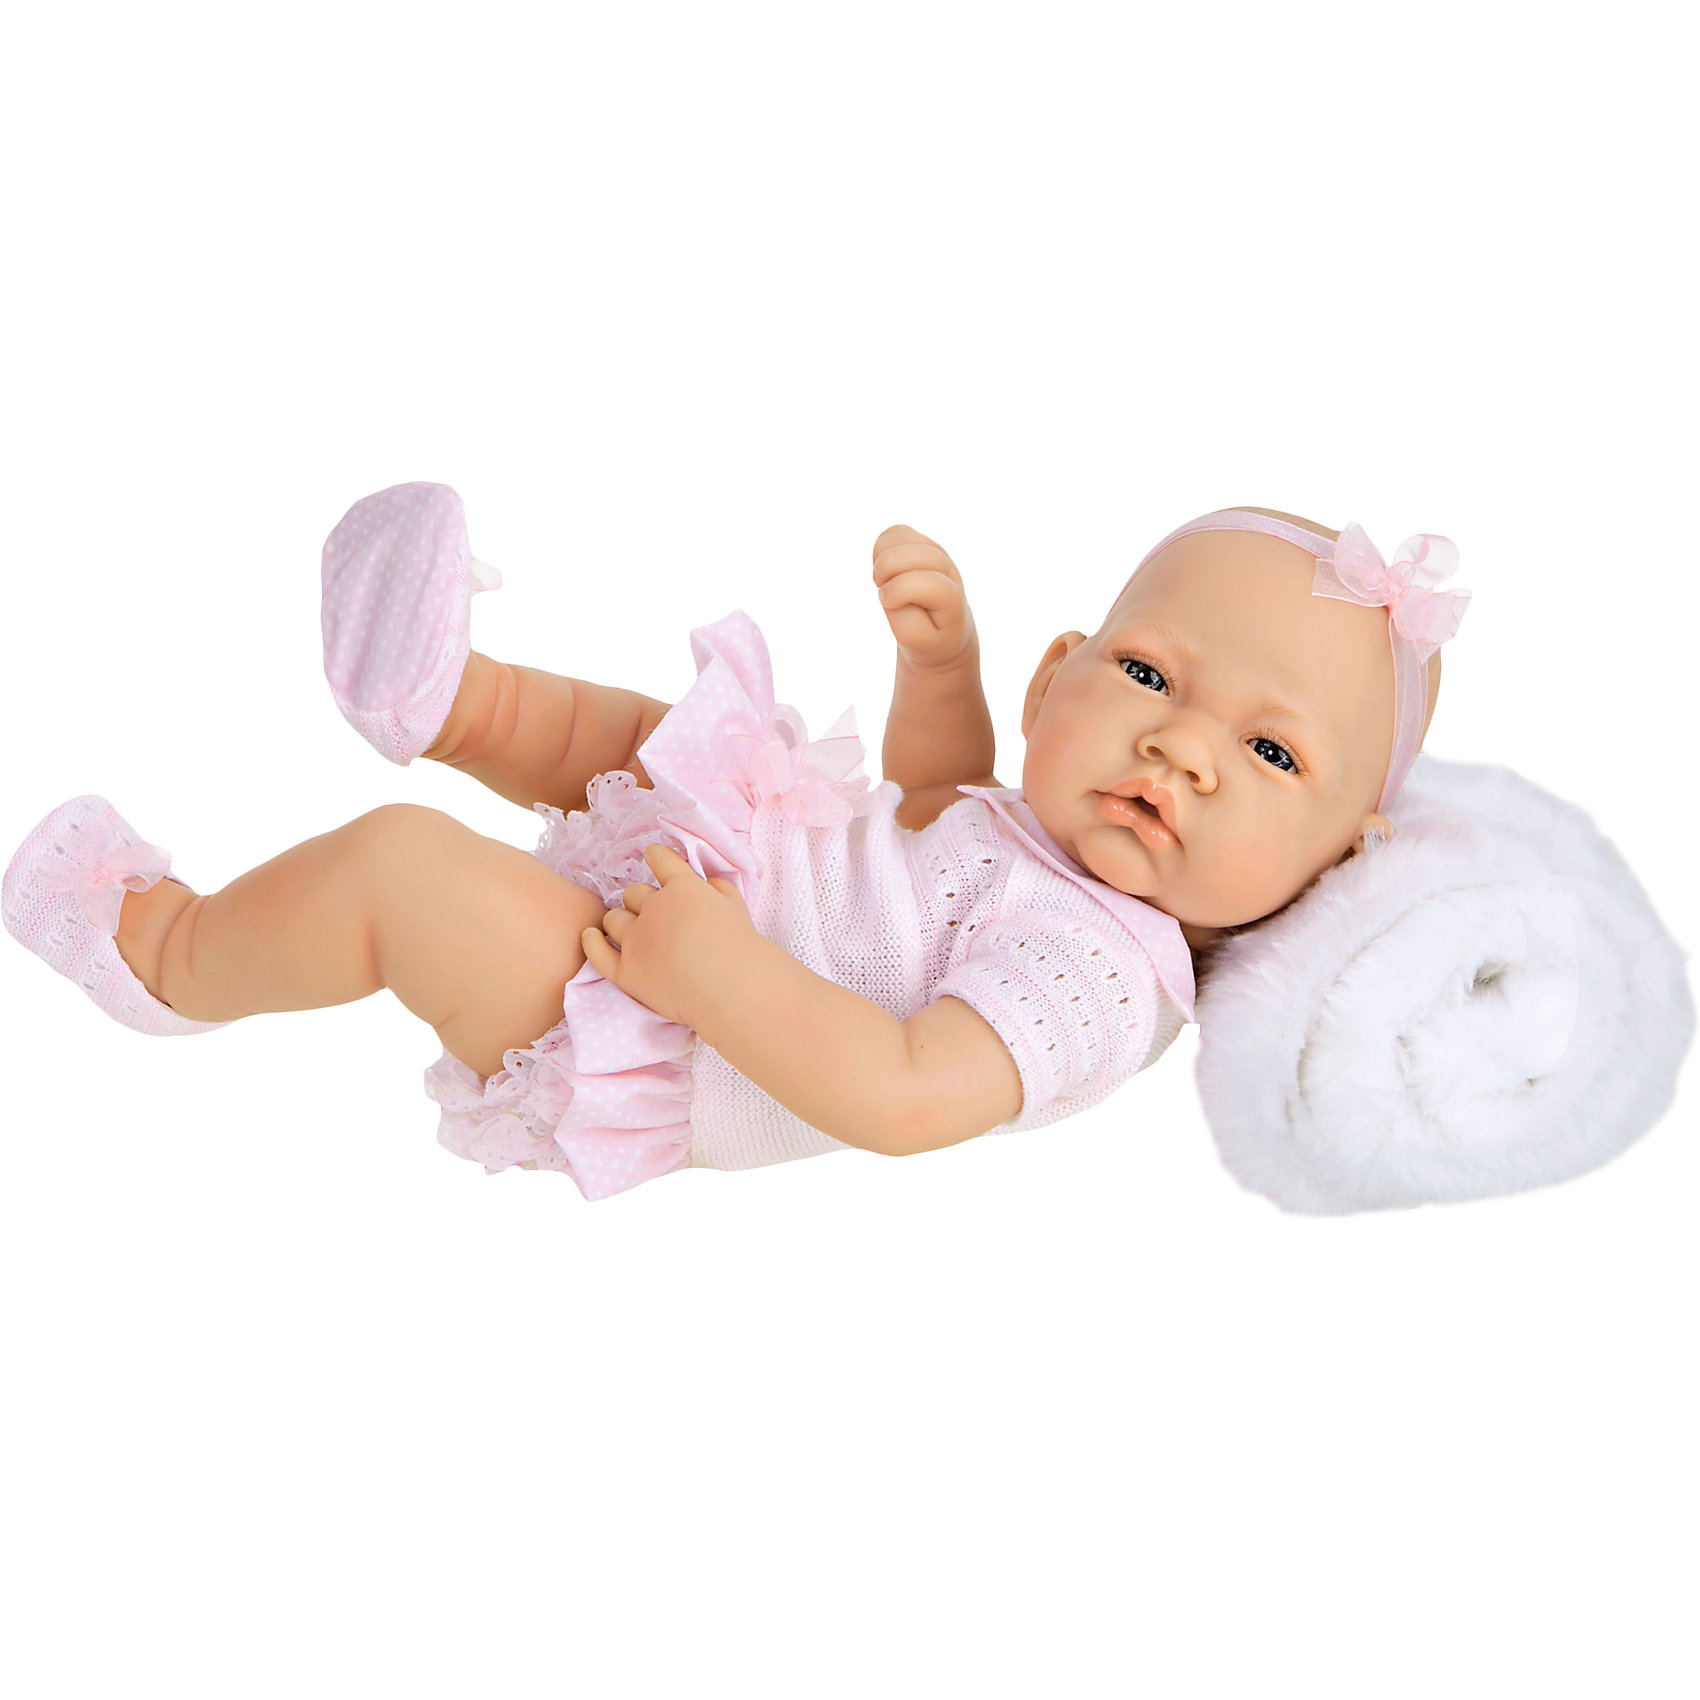 Кукла-младенец Эми, 42 см, Munecas Antonio JuanКлассические куклы<br>Кукла-младенец Эми, 42 см, Munecas Antonio Juan (Мунекас Антонио Хуан).<br><br>Характеристики:<br><br>- Комплектация: кукла, одеяло<br>- Материал: винил, текстиль<br>- Высота куклы: 42 см.<br>- Глаза не закрываются<br>- Упаковка: яркая подарочная коробка<br><br>Малышка Эми невероятно похожа на настоящего младенца. Анатомическая точность, с которой выполнена кукла, поражает! Выразительные глазки, маленький носик, пушистые ресницы, нежные щечки, пухлые губки, милые «перевязочки» на ручках и ножках придают кукле реалистичный вид и вызывают только самые положительные и добрые эмоции. Эми одета в очаровательное платьице и ажурные трусики, пинетки, а ее головку украшает прелестный бантик. В комплекте есть пушистое и теплое одеяльце, которым можно будет накрыть малышку, если девочка решит, что ей холодно. Кукла изготовлена из высококачественного винила с покрытием софт тач, мягкого и приятного на ощупь. Голова, ручки и ножки подвижны. Кукла соответствует всем нормам и требованиям к качеству детских товаров. Образы малышей Мунекас разработаны известными европейскими дизайнерами. Они натуралистичны, анатомически точны.<br><br>Куклу-младенца Эми, 42 см, Munecas Antonio Juan (Мунекас Антонио Хуан) можно купить в нашем интернет-магазине.<br><br>Ширина мм: 45<br>Глубина мм: 39<br>Высота мм: 17<br>Вес г: 1775<br>Возраст от месяцев: 36<br>Возраст до месяцев: 2147483647<br>Пол: Женский<br>Возраст: Детский<br>SKU: 5055425